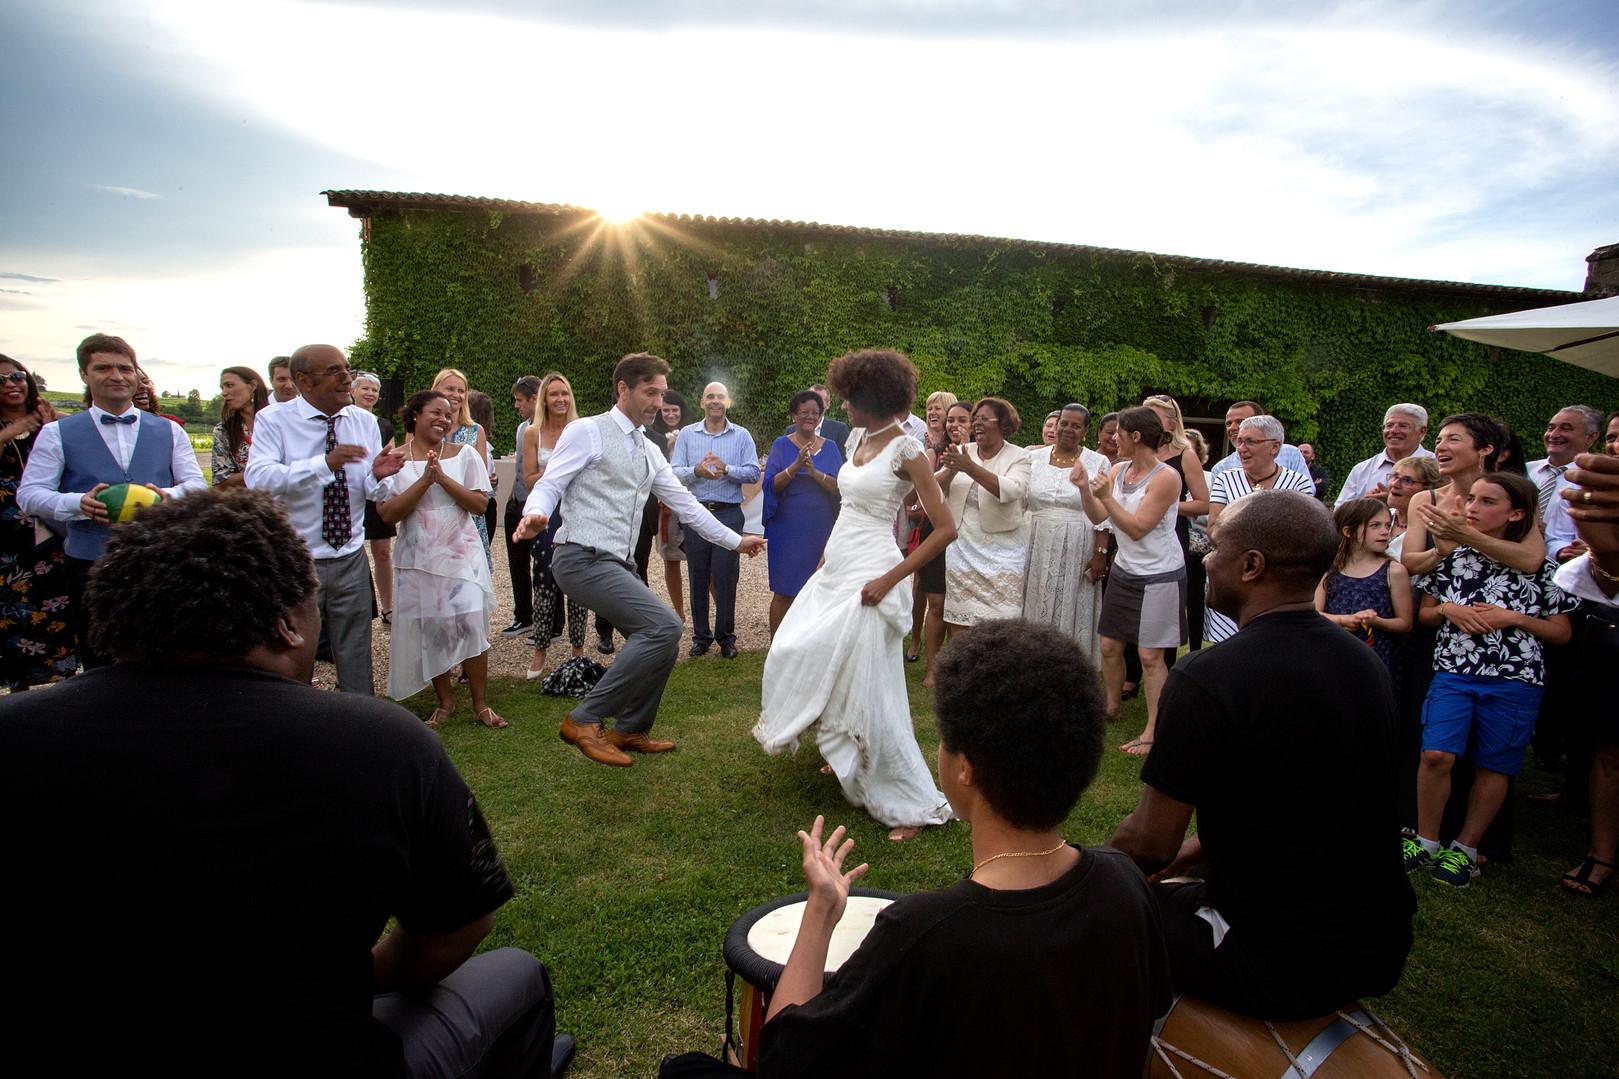 Le mariage de Chrystelle et Arnaud Chrystelle et Arnaud, se sont dit oui le 2 juin 2018, au Château Lardier.